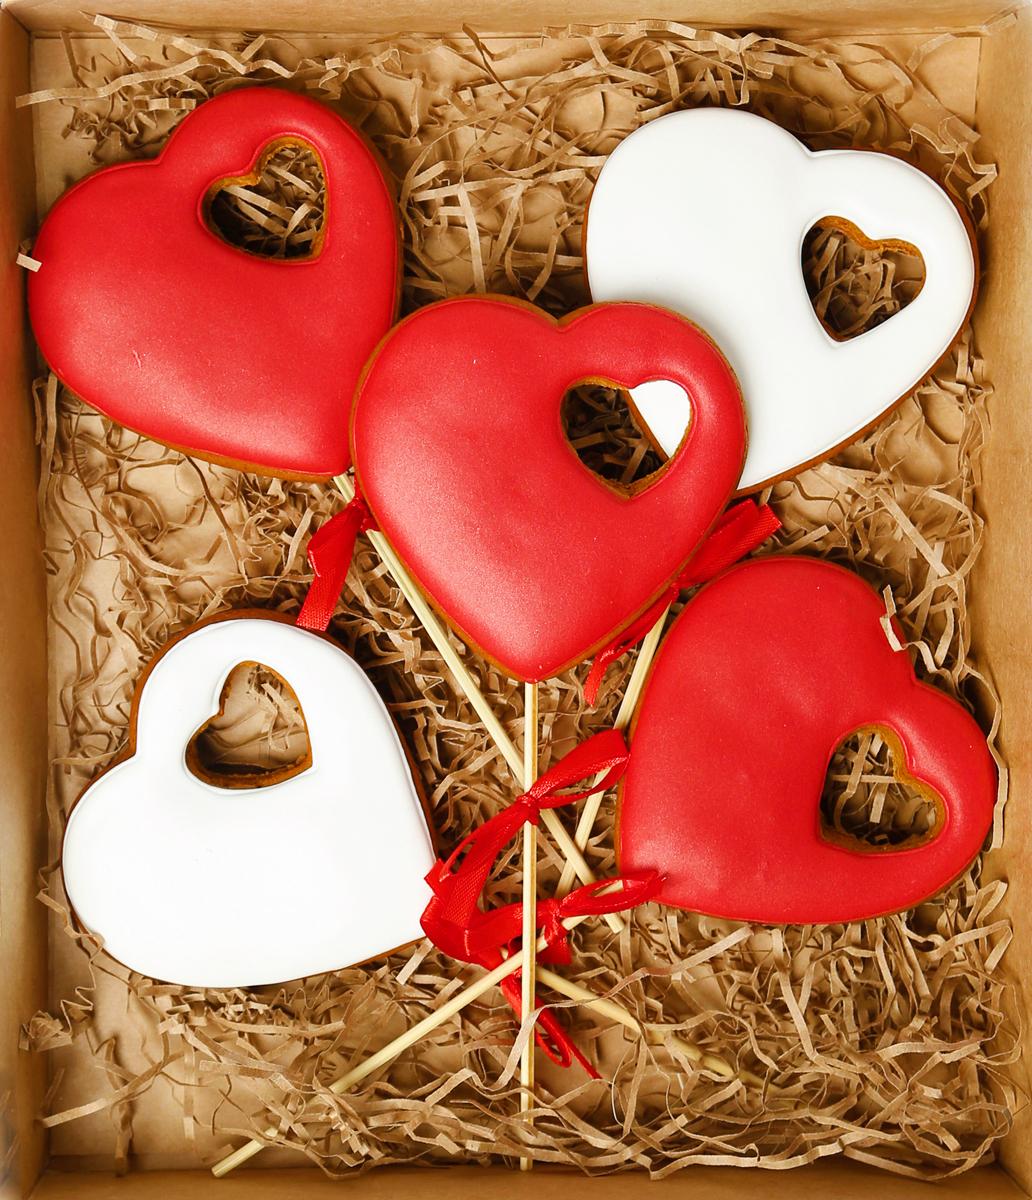 Жуковский пряник Подарочный набор Сердце в сердце, 5 шт0120710Медово-имбирный пряник с росписью из айсинга, фотопечатью на сахарной бумаге. Отличный подарок для любимых. Без ГМО.